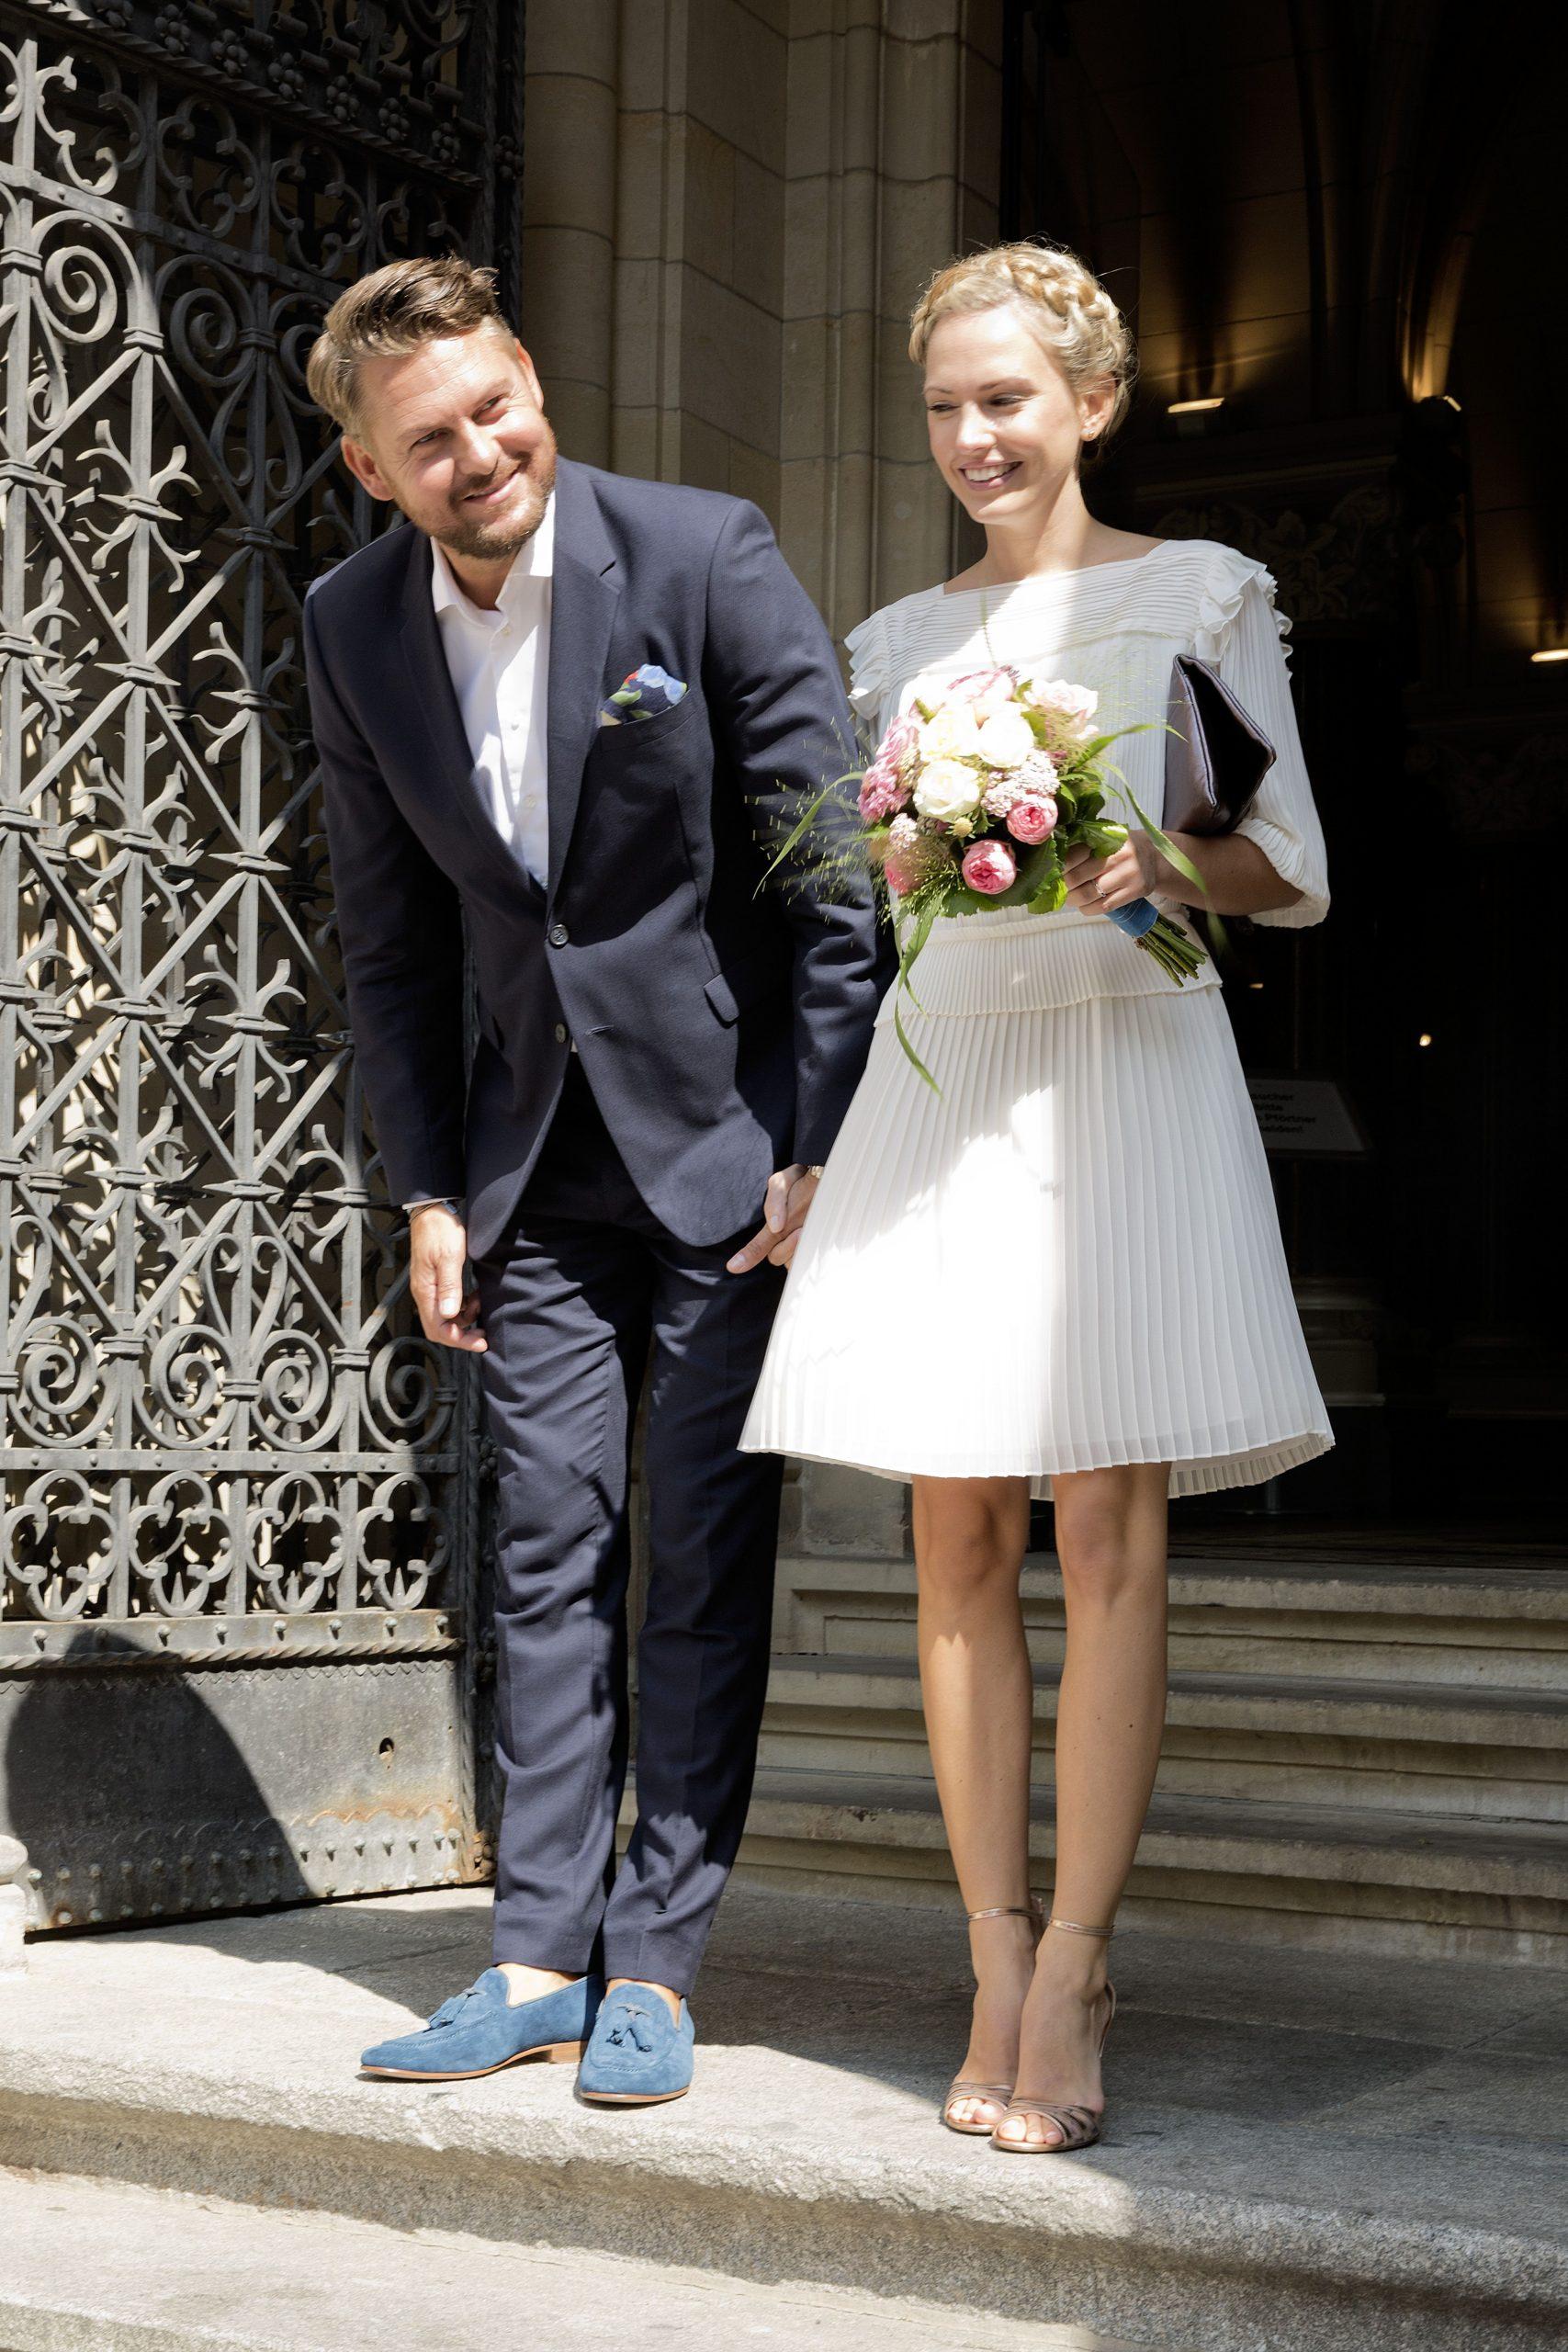 Hochzeit Kleidungbild Von Leija Tupala Auf Wedding